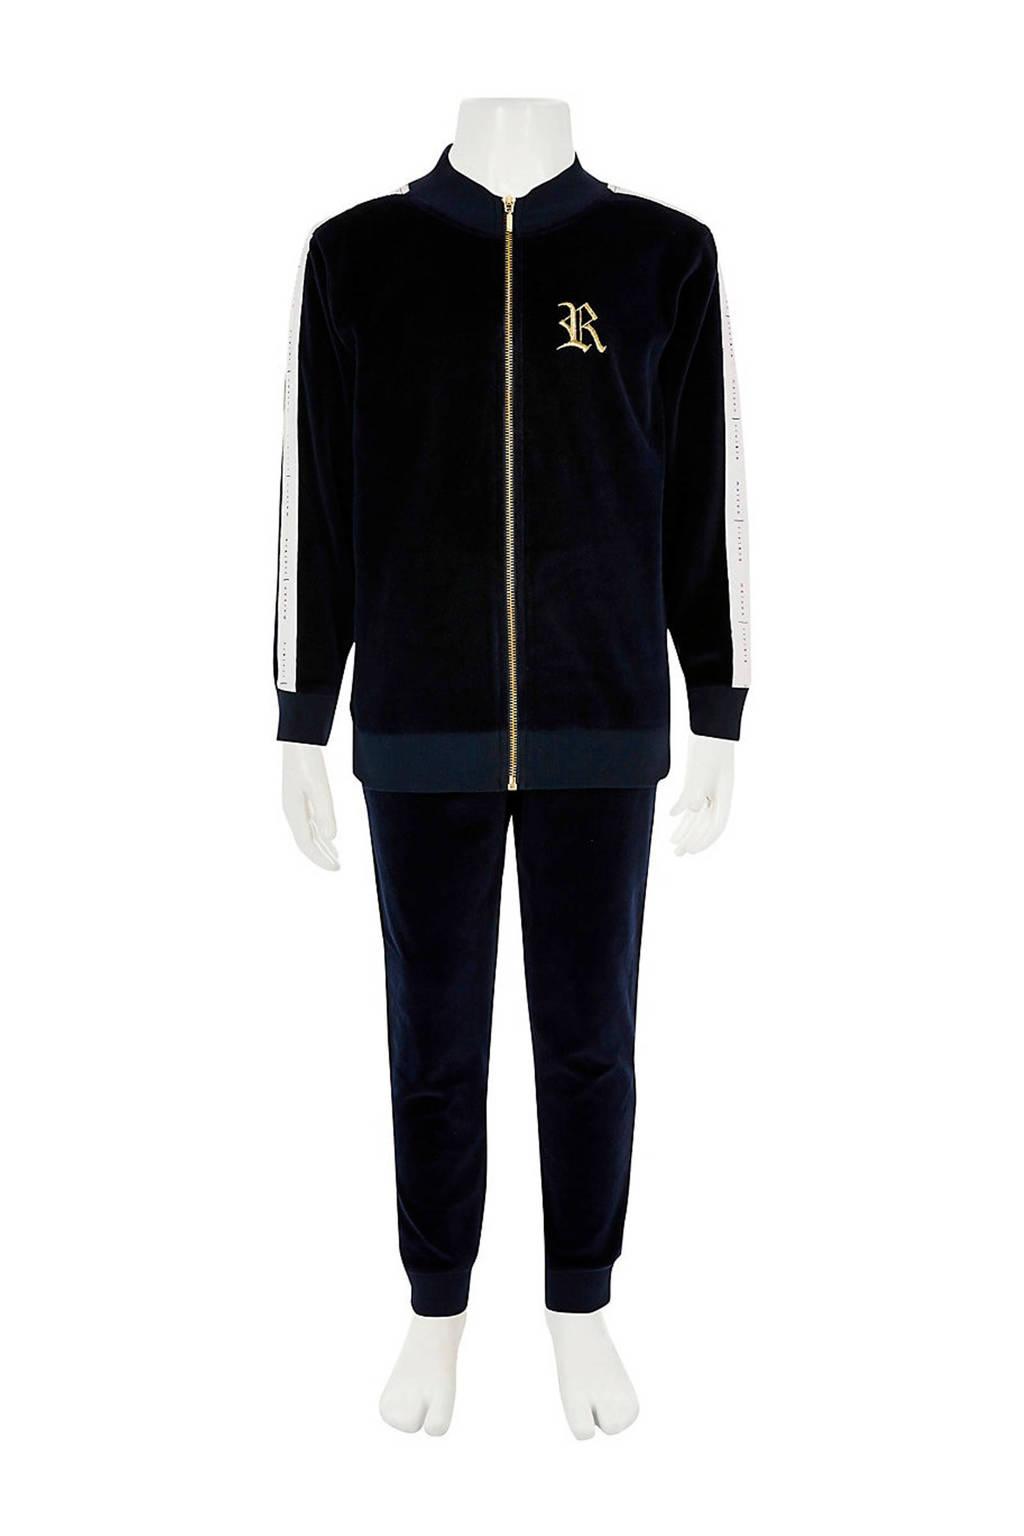 River Island fluwelen broek + vest mt contrastbies donkerblauw, donkerblauw/wit/goud